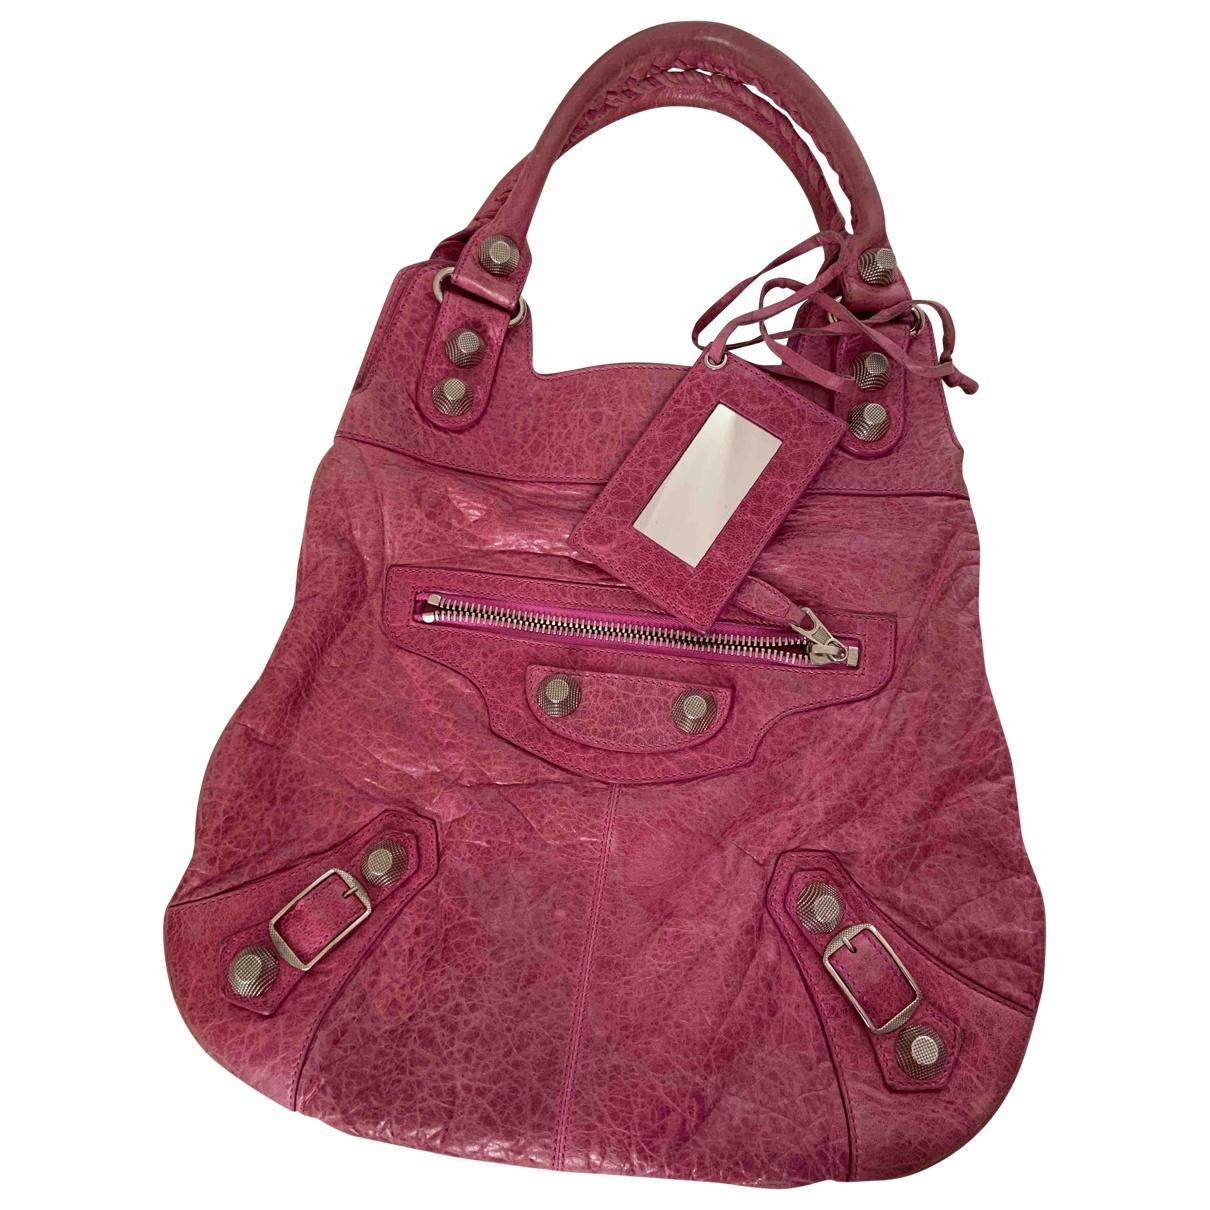 Balenciaga - Sac a main Velo pour femme en cuir - rose